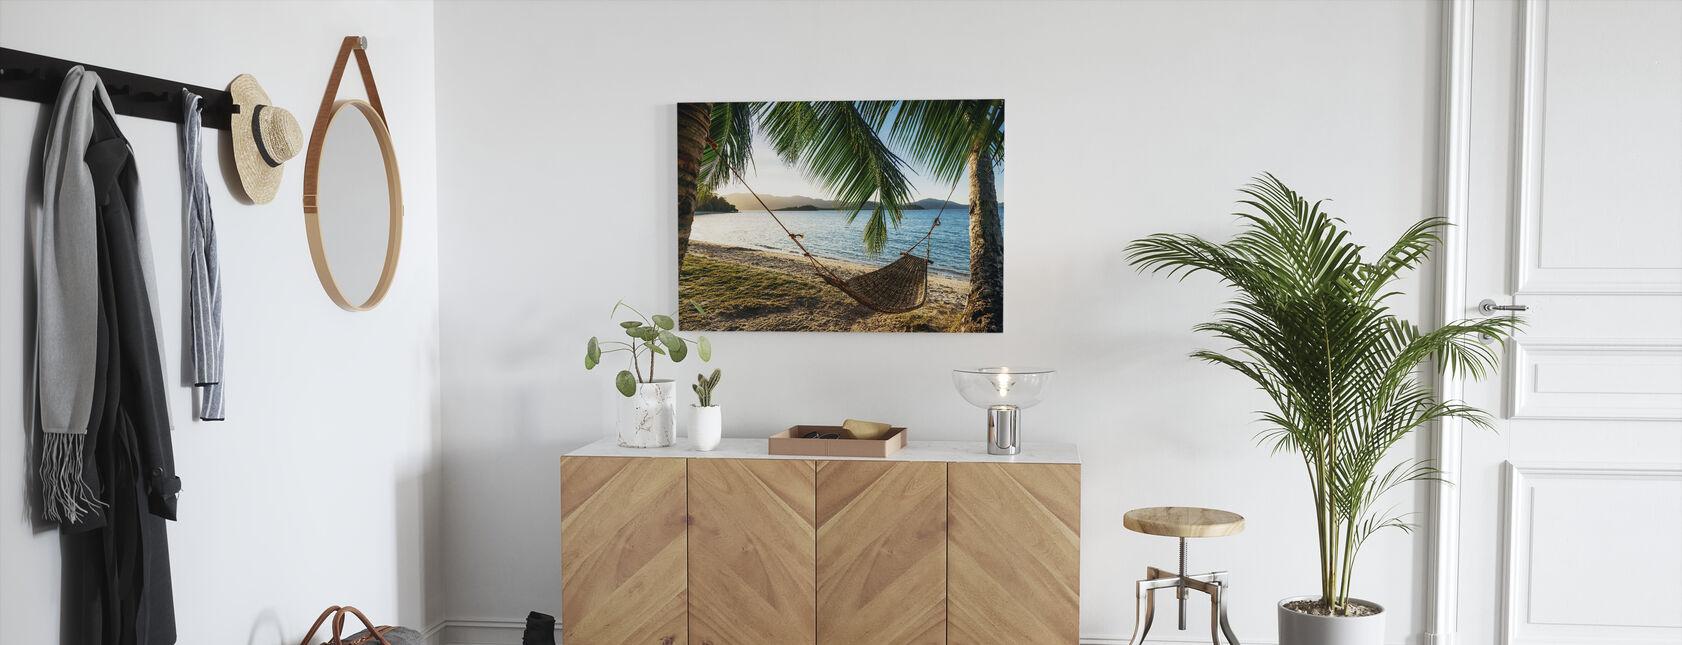 Leere Hängematte zwischen Palmen - Leinwandbild - Flur